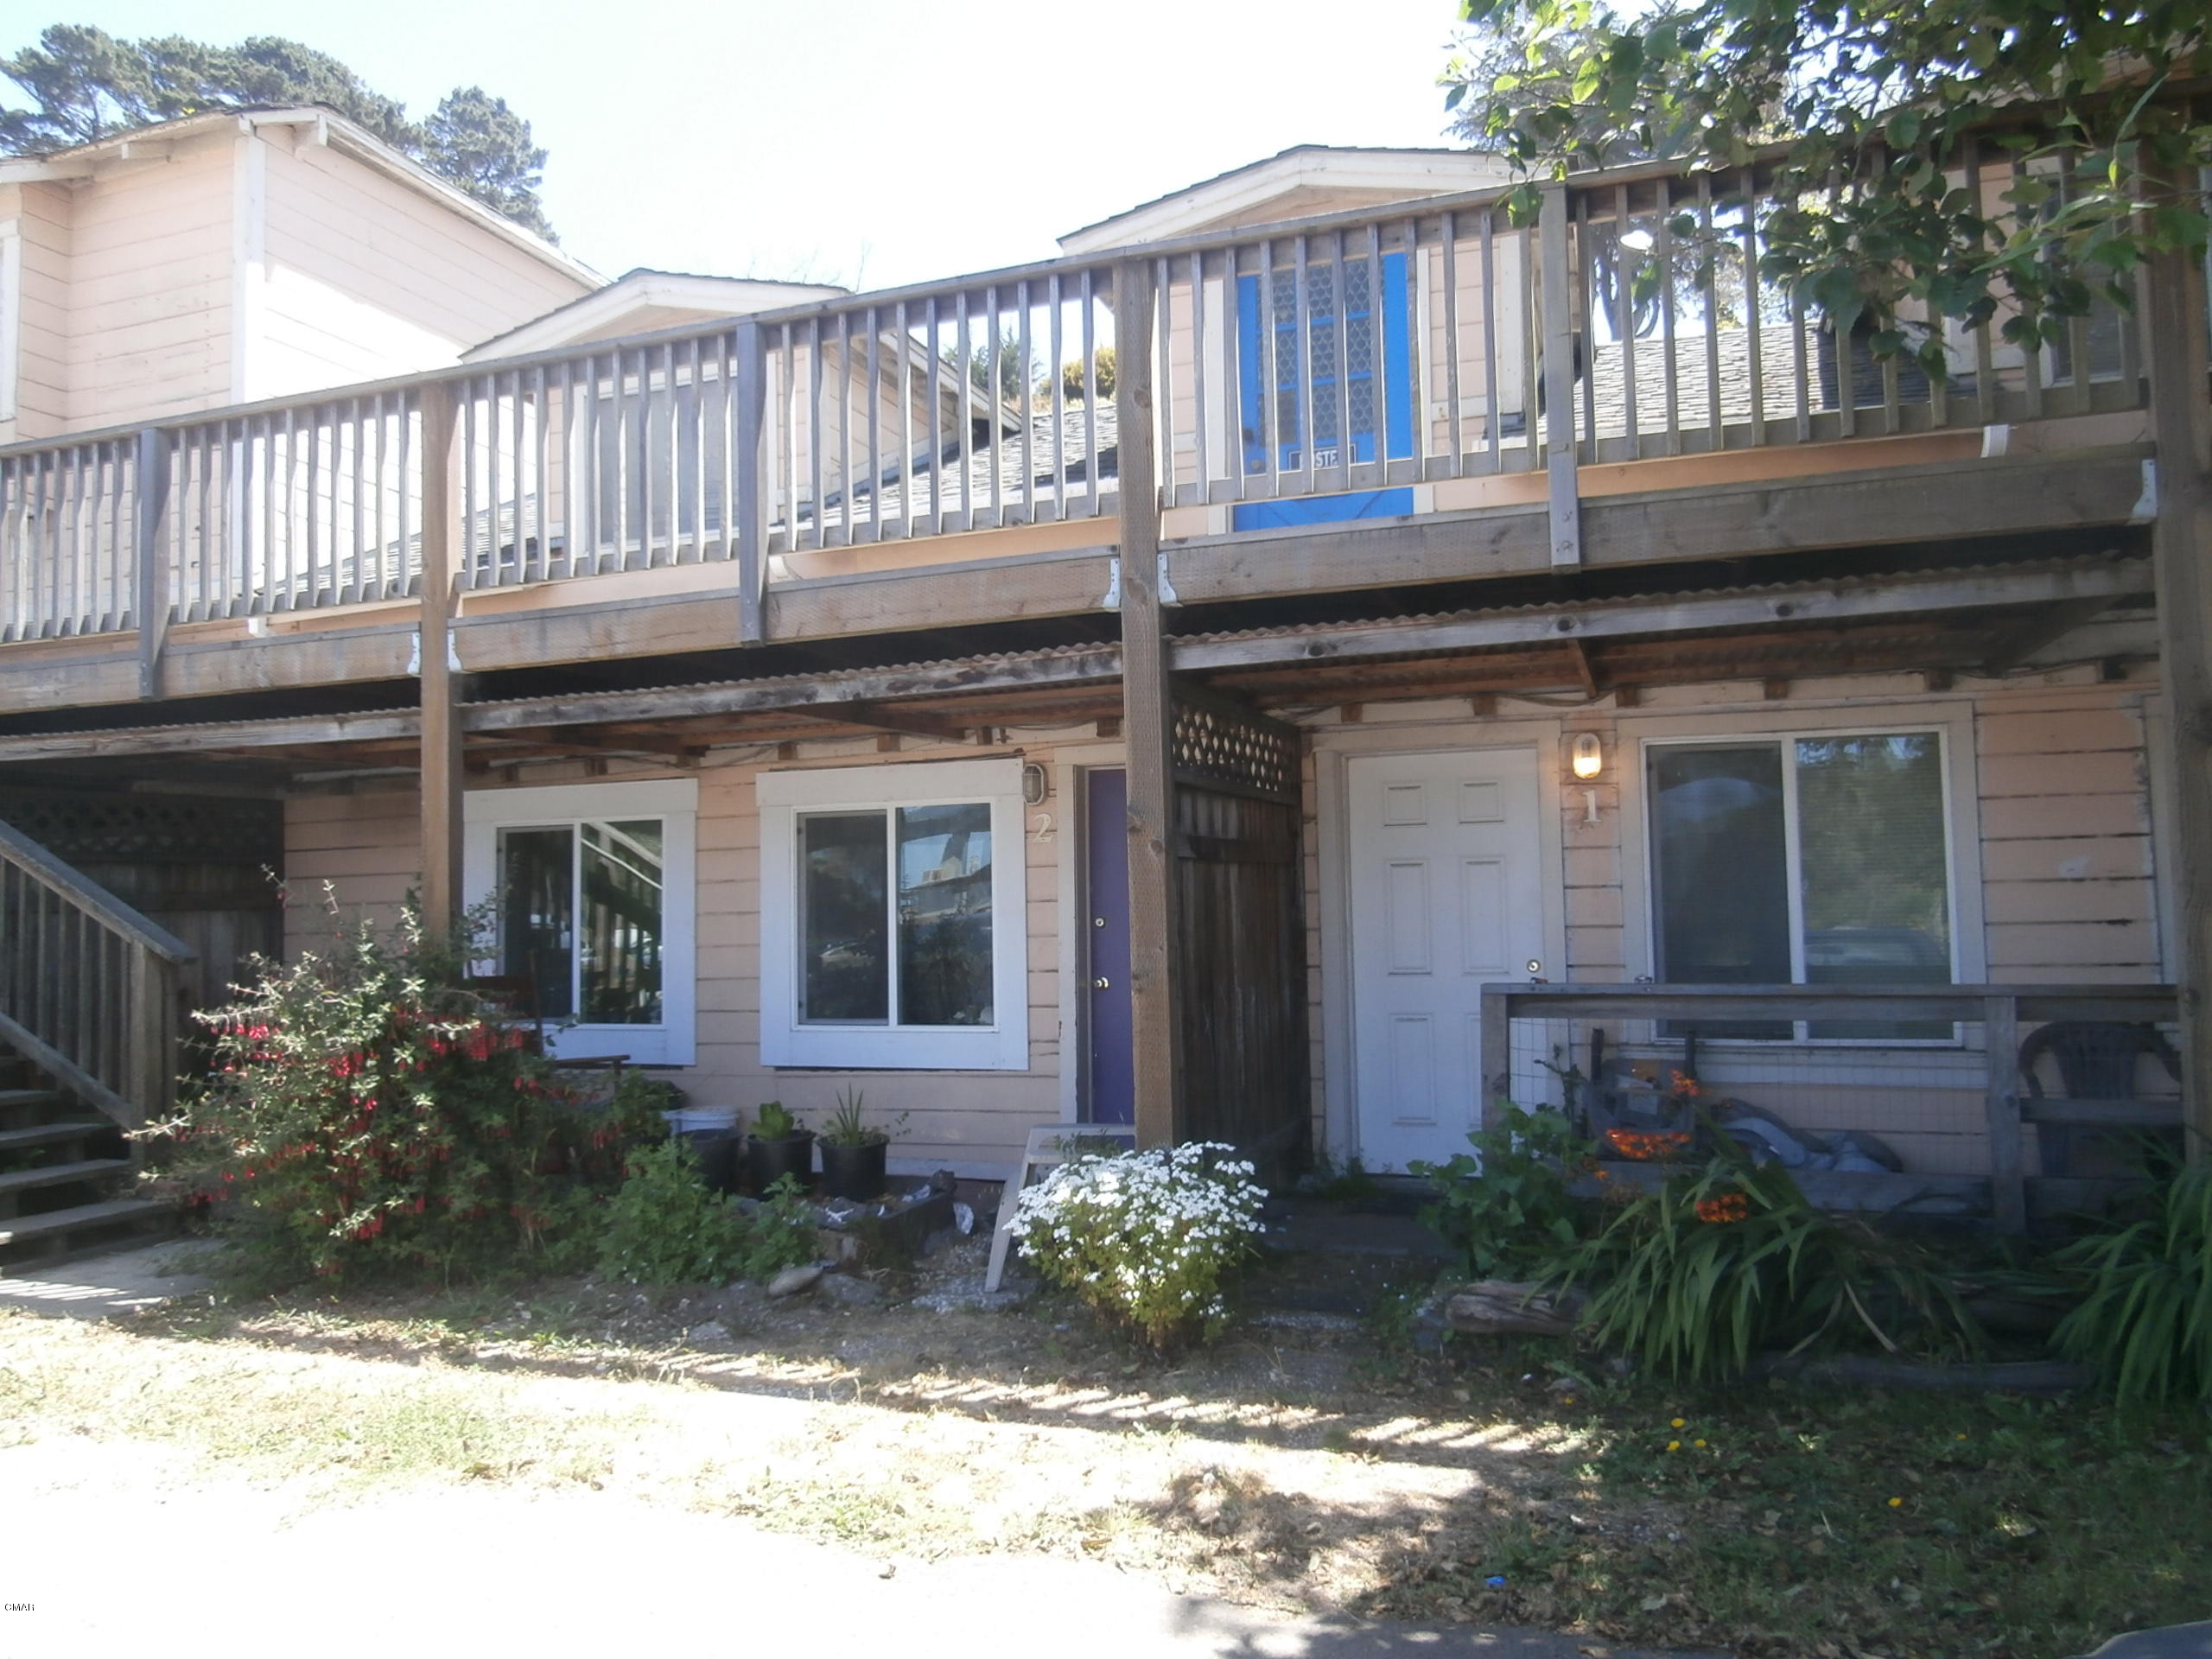 32301 Hbr, Fort Bragg, CA, 95437